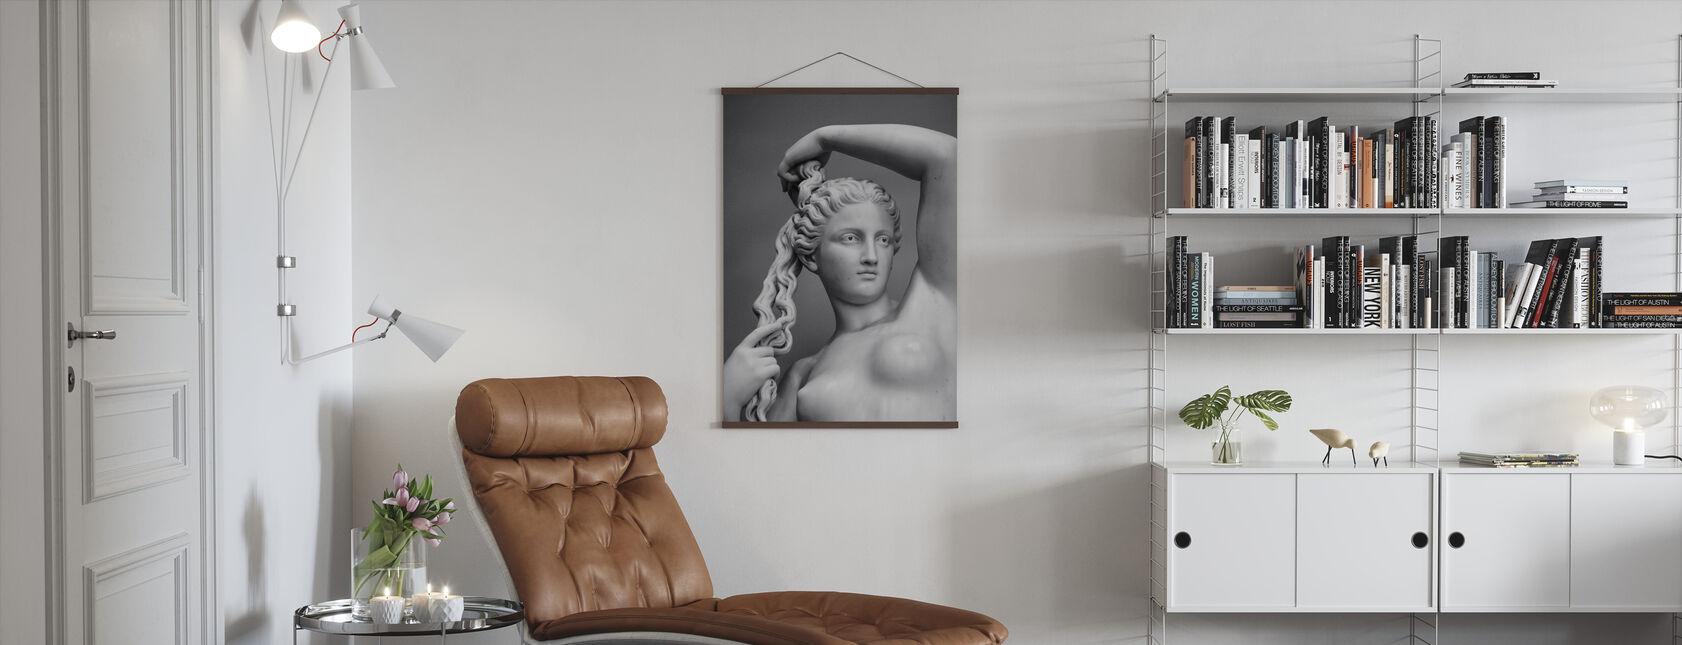 Love Goddess - Poster - Living Room